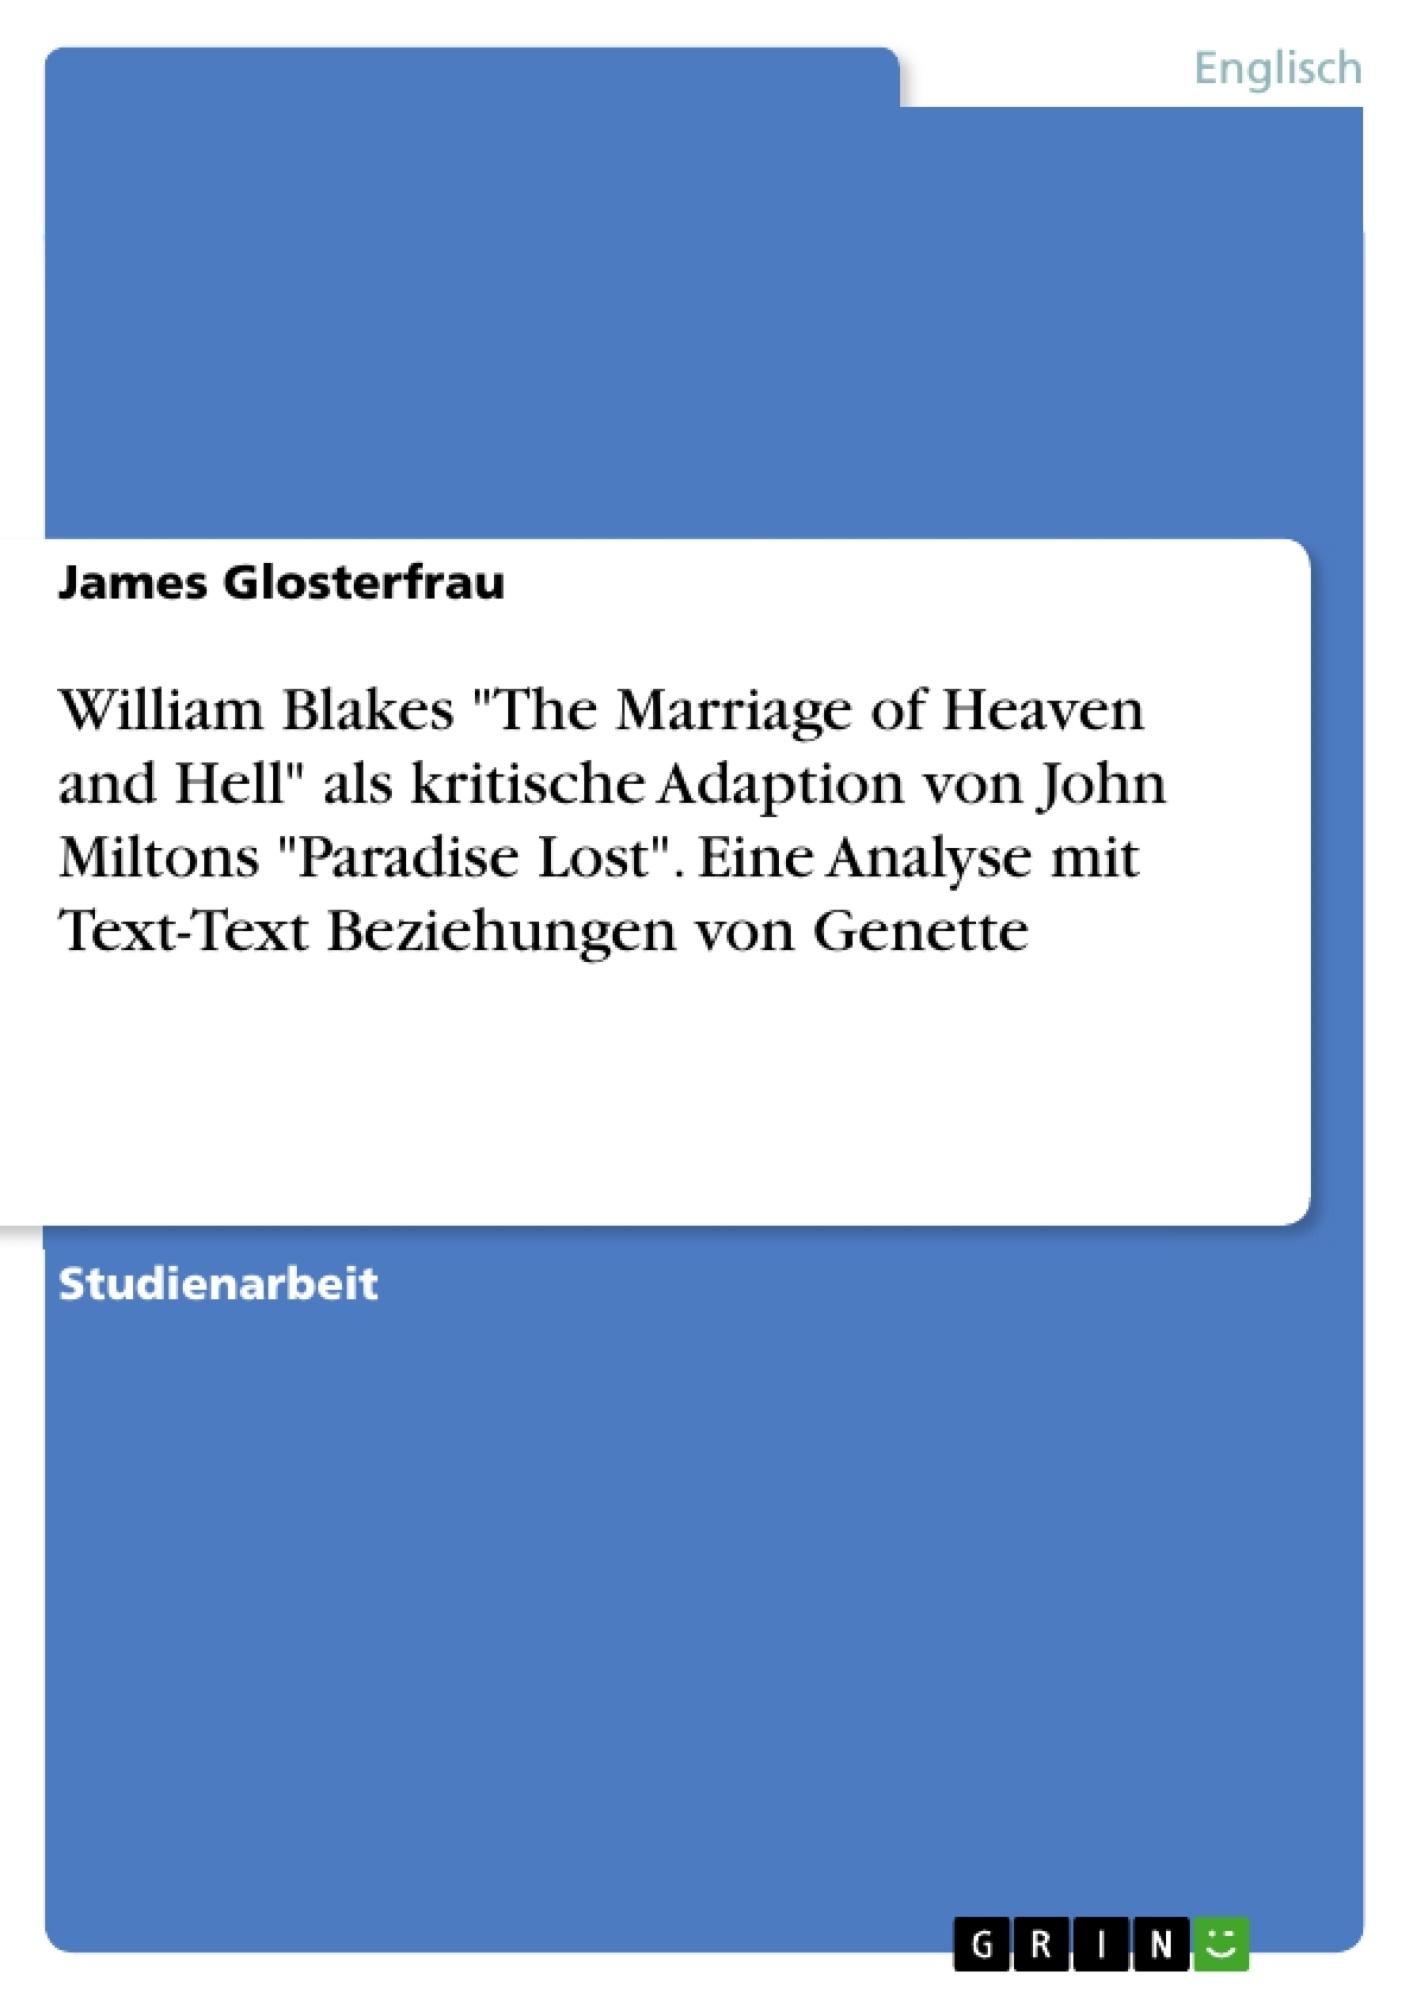 """Titel: William Blakes """"The Marriage of Heaven and Hell"""" als kritische Adaption von John Miltons """"Paradise Lost"""". Eine Analyse mit Text-Text Beziehungen von Genette"""